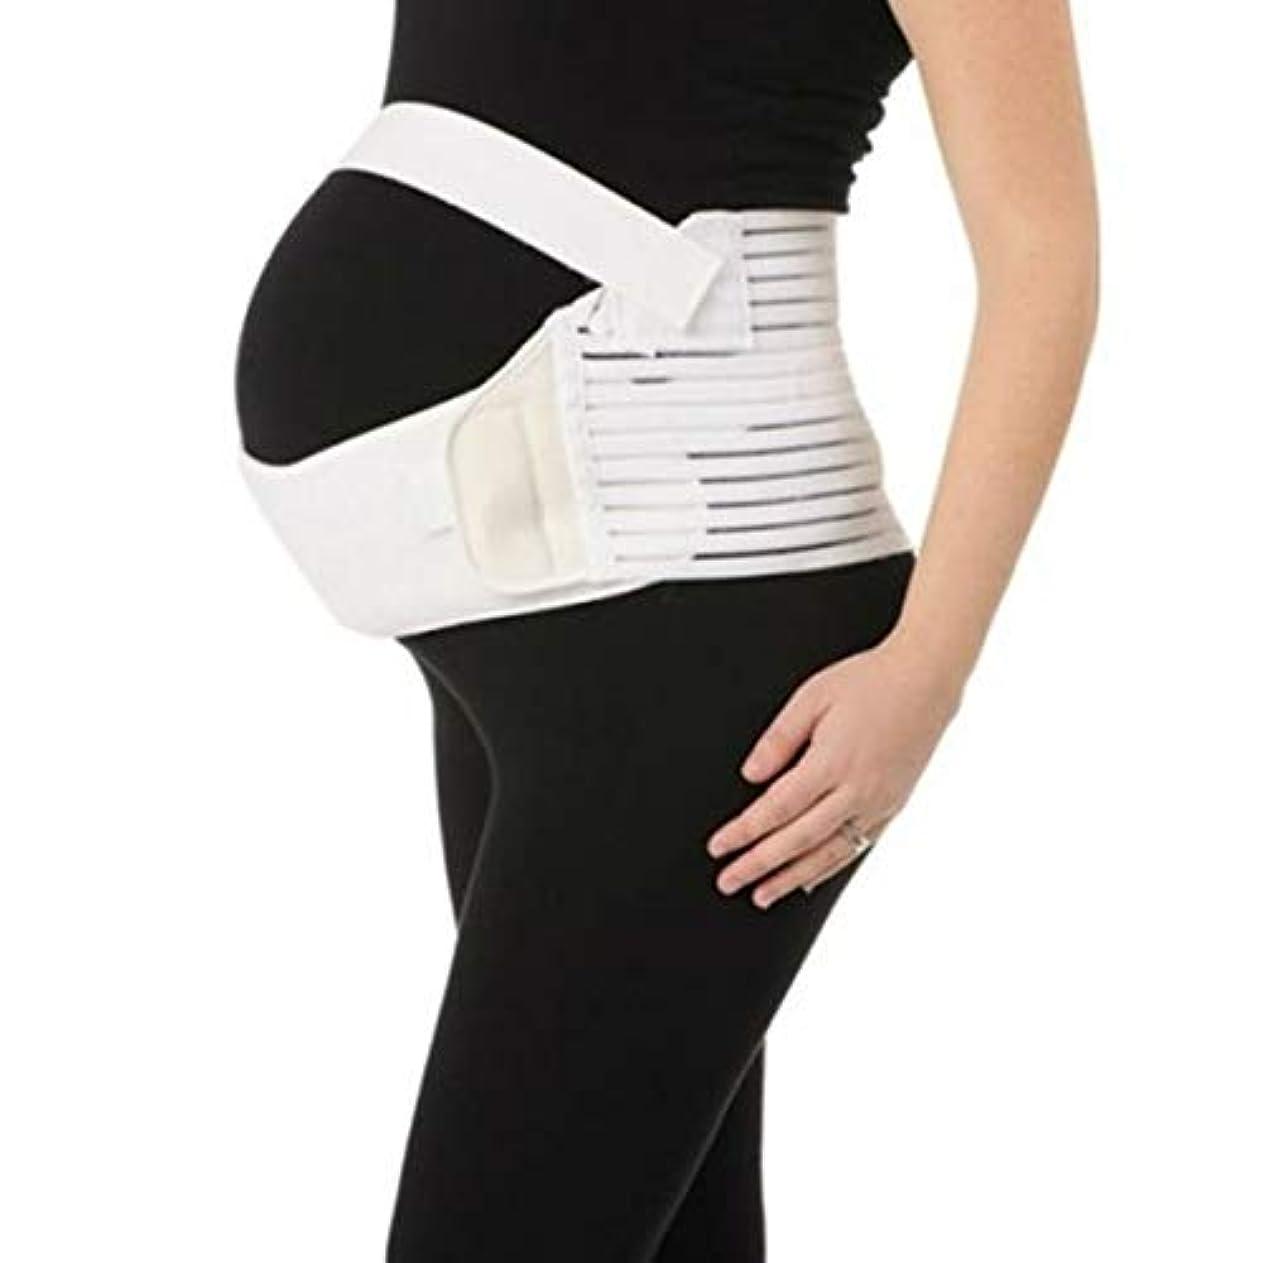 ショップ達成する海賊通気性マタニティベルト妊娠腹部サポート腹部バインダーガードル運動包帯産後回復形状ウェア - ホワイトXL